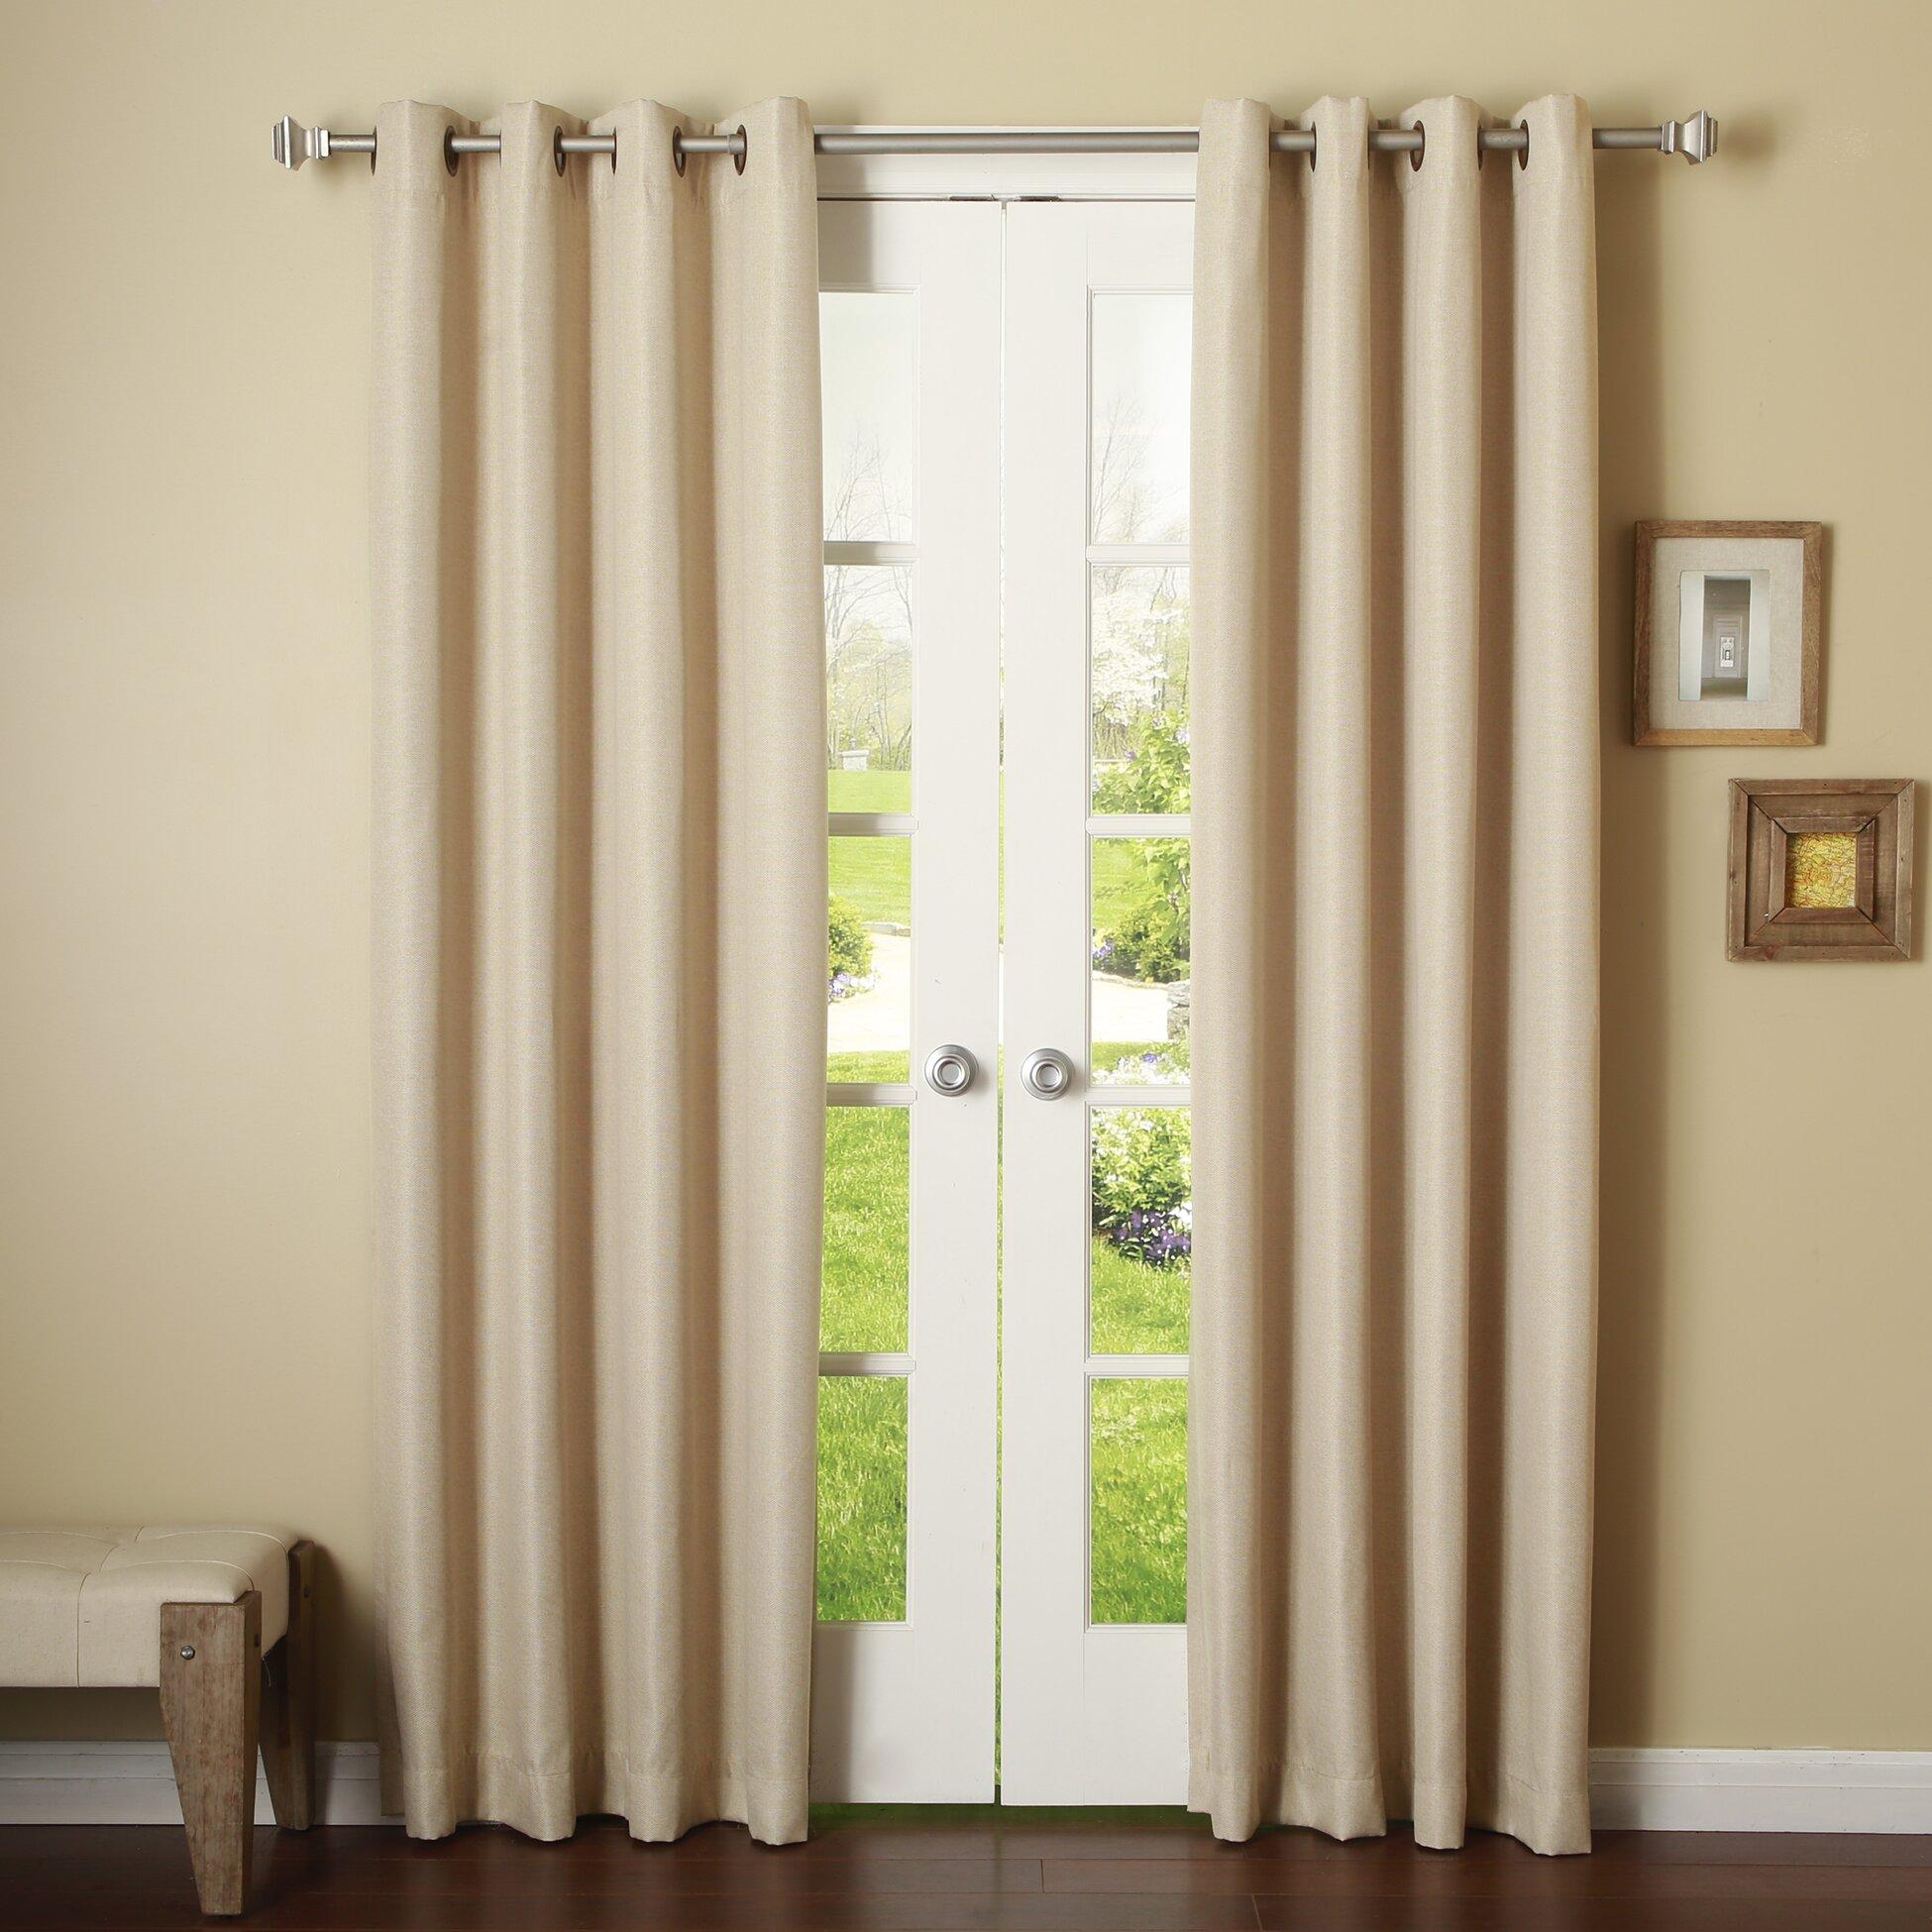 Best Home Fashion Inc Basketweave Room Darkening Curtain